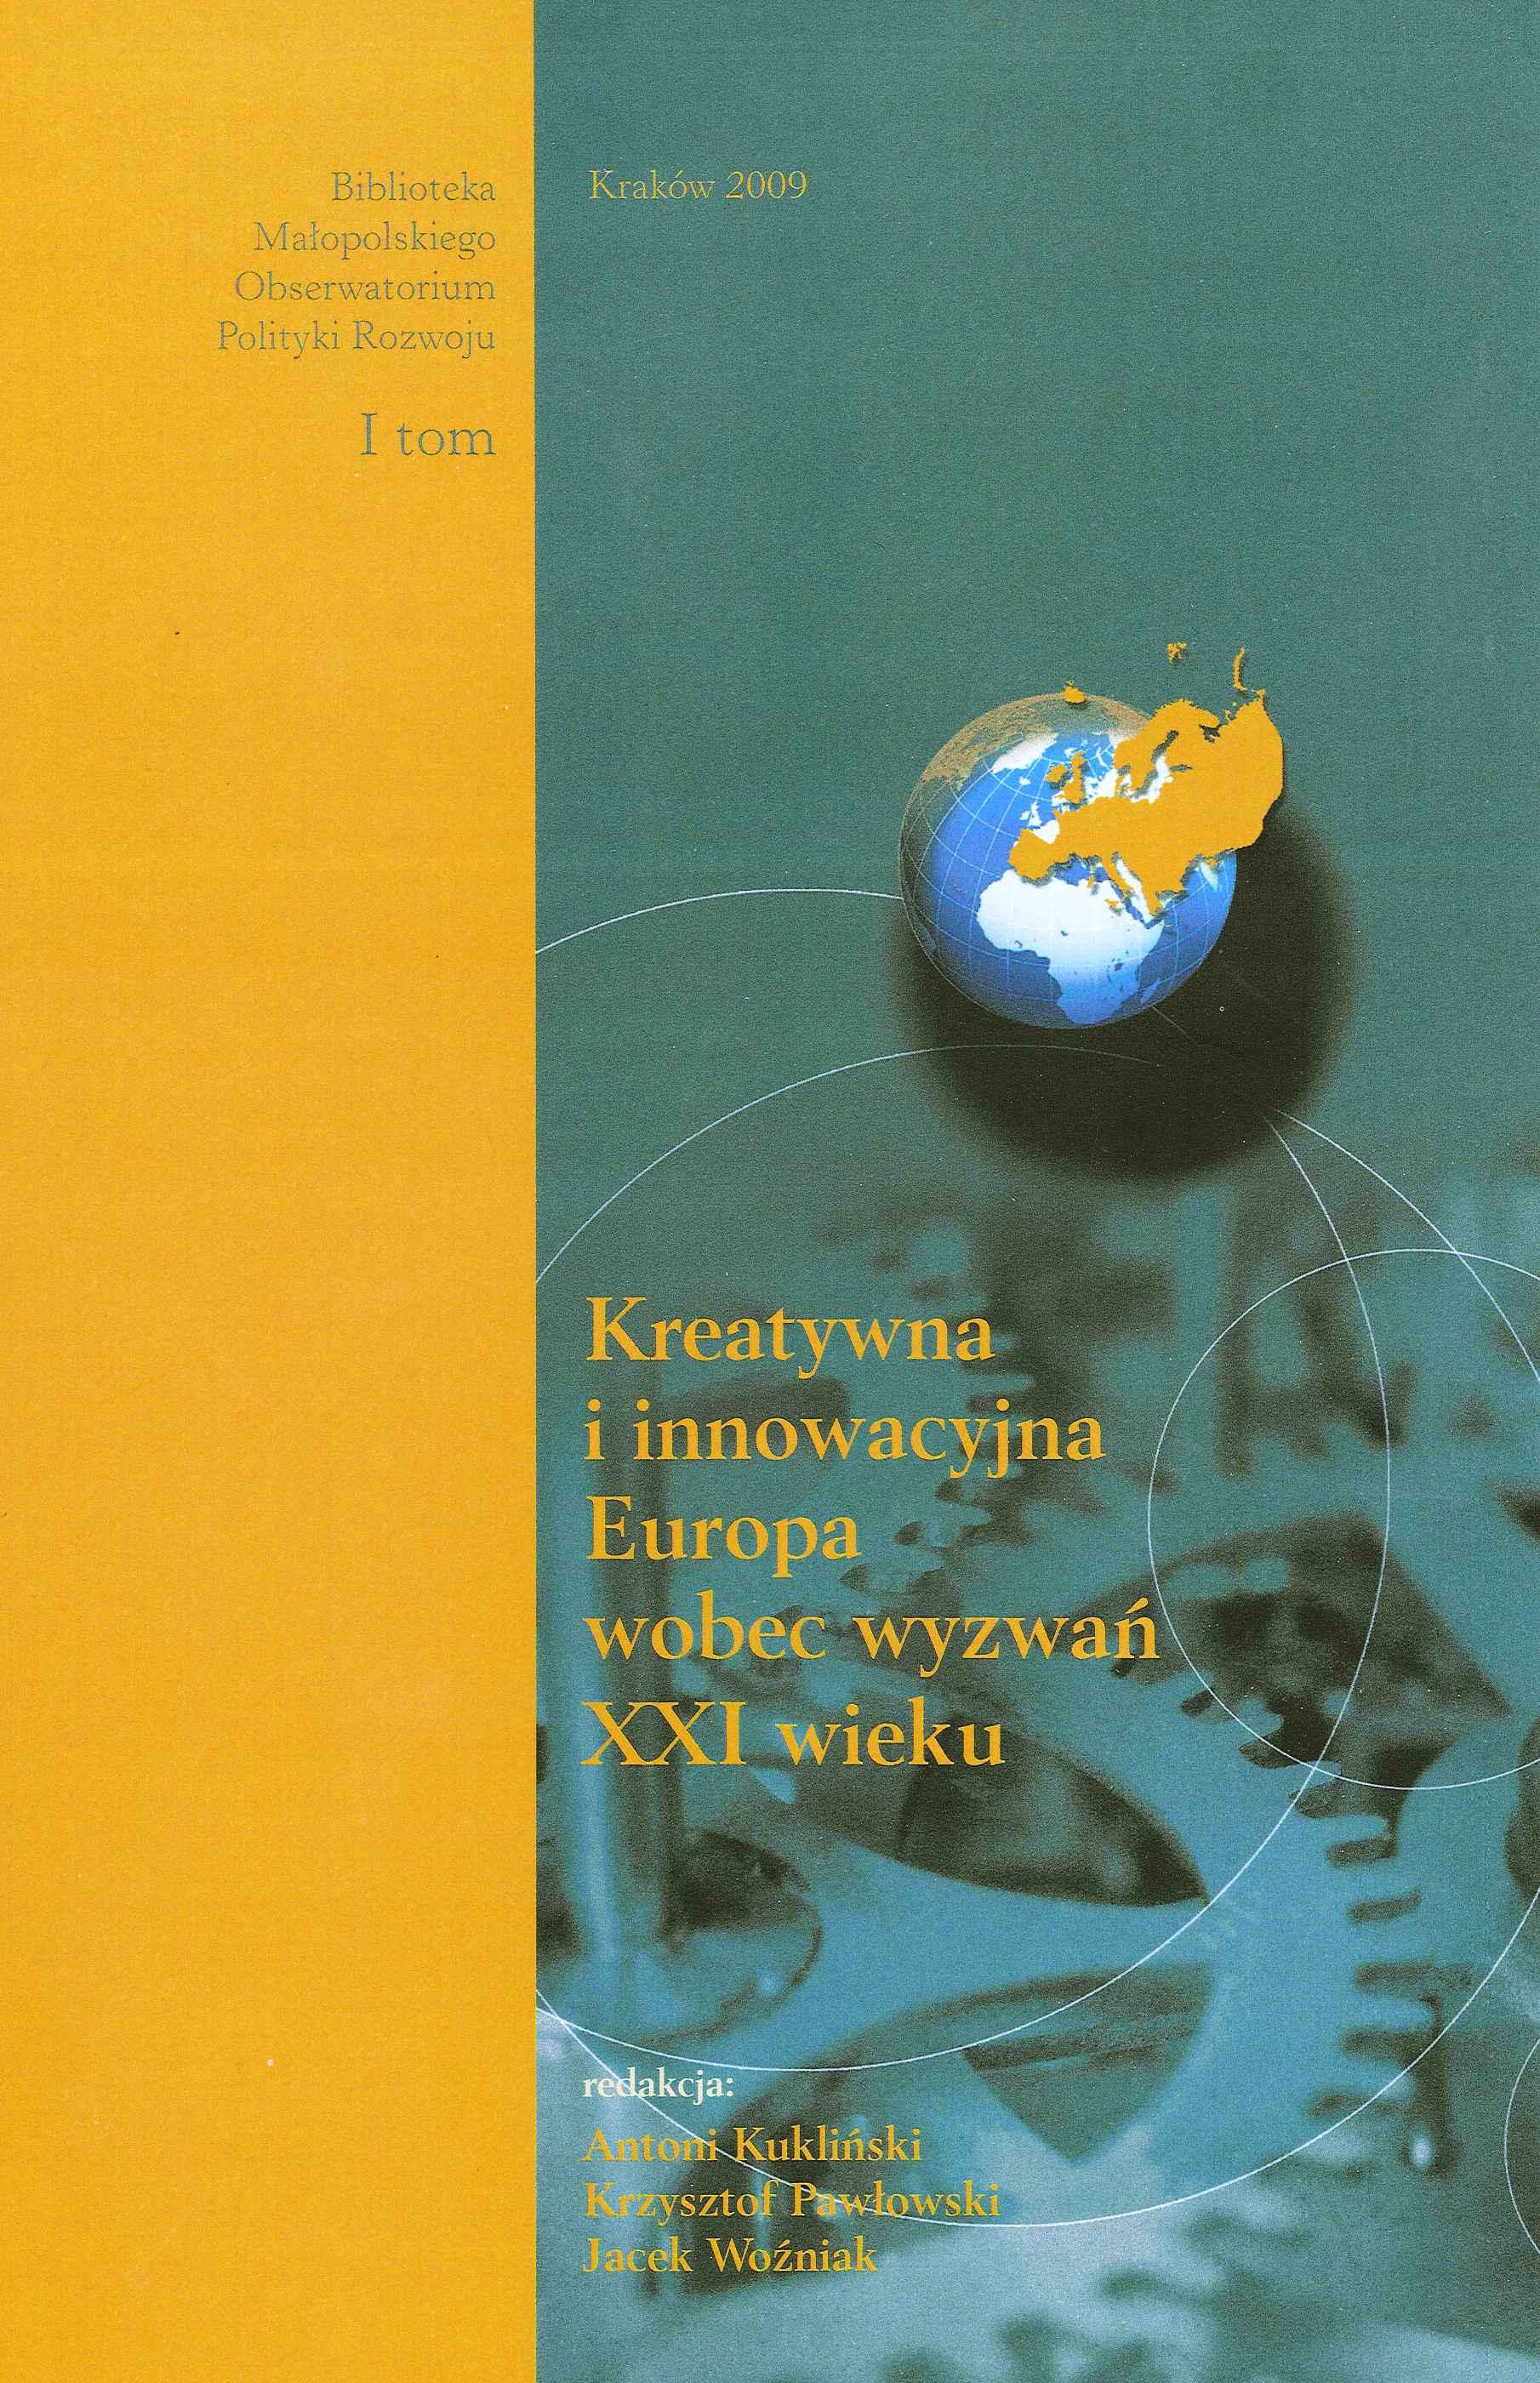 okładka publikacji Kreatywna i innowacyjna Europa wobec wyzwań XXI wieku